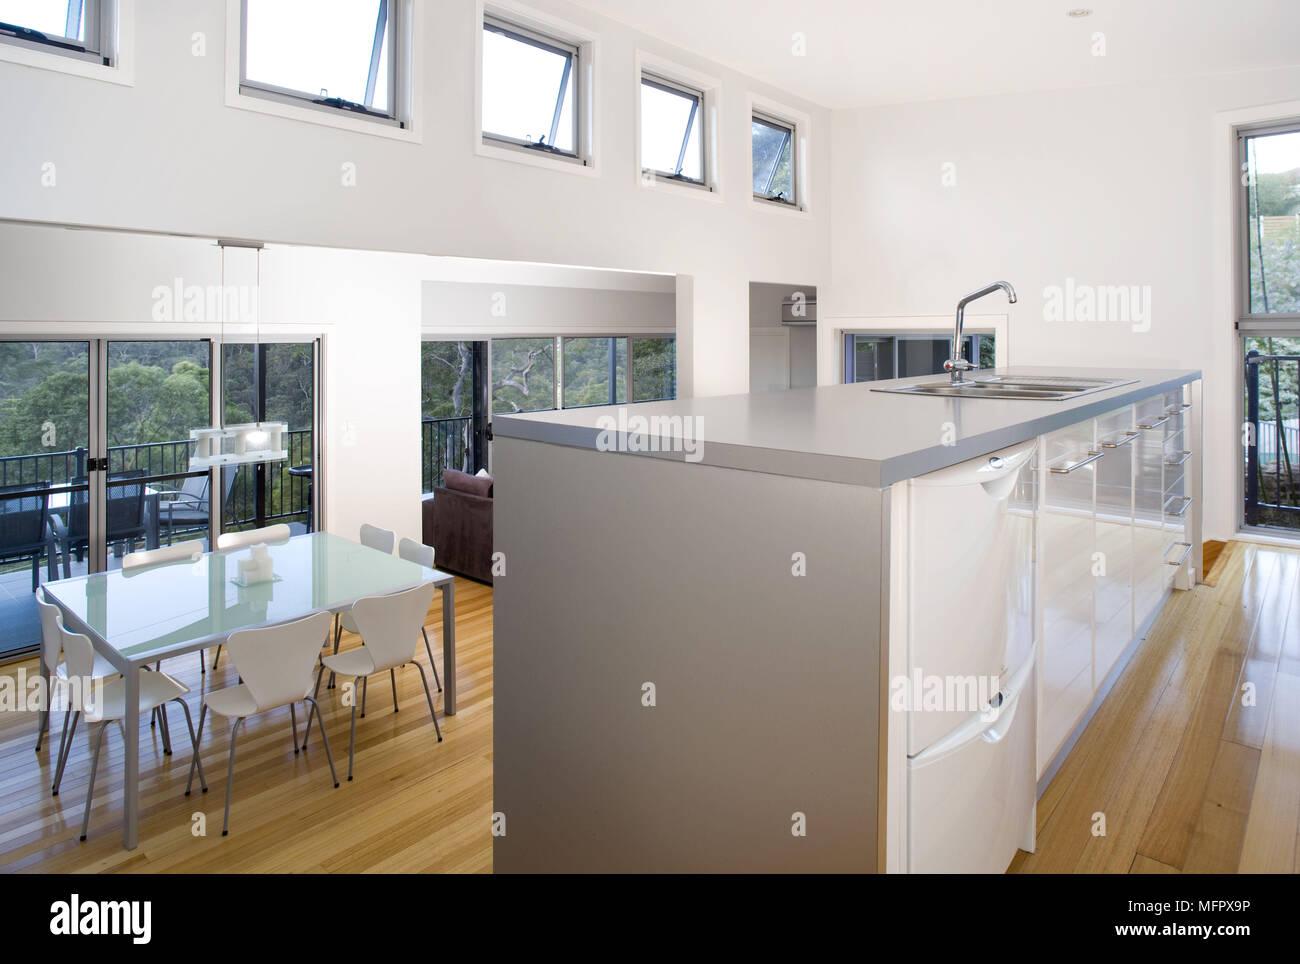 Waschbecken In Der Zentralen Insel Einheit In Der Modernen Küche Mit  Esstisch Und Stühlen Unten Einstellen